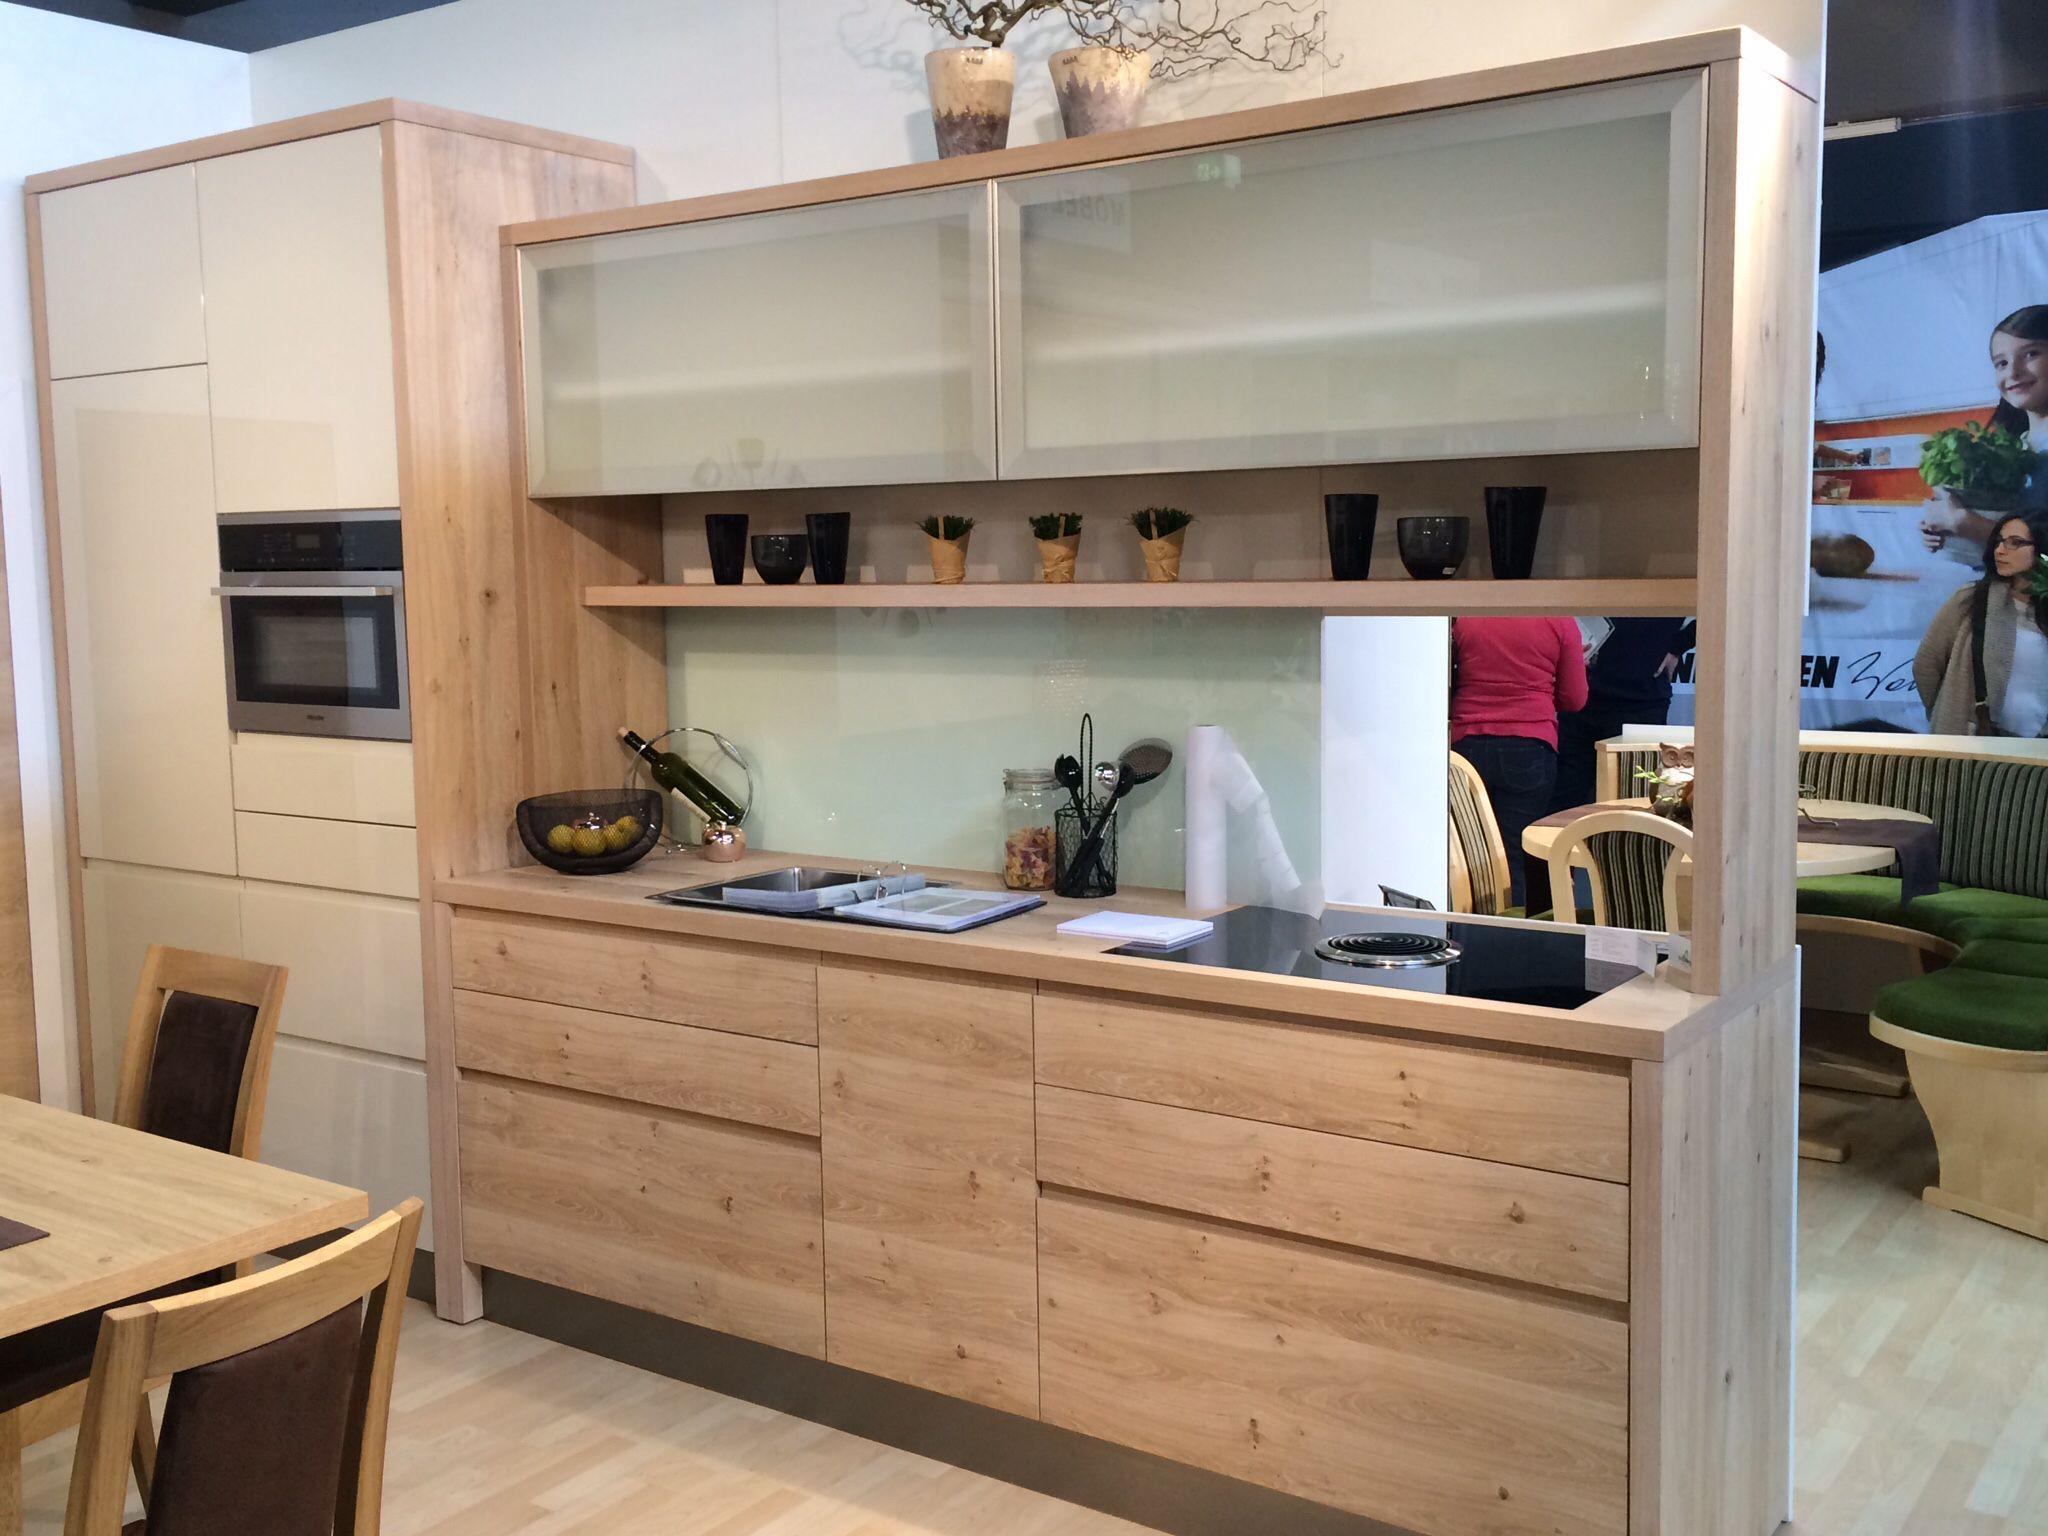 Berühmt Küchendesign Mit Wenigen Oberschränke Fotos - Küche Set ...